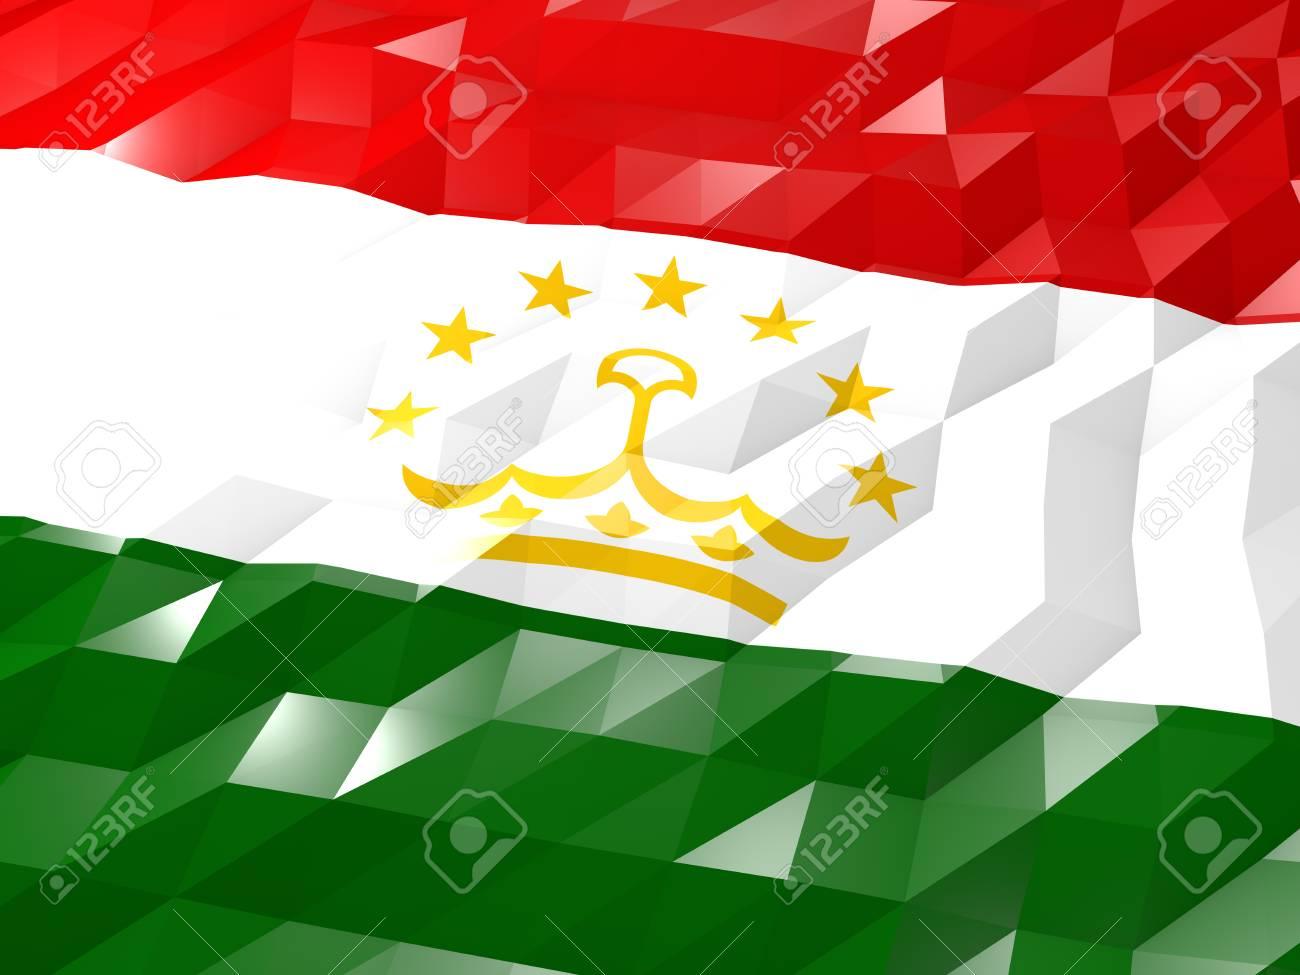 Flag Of Tajikistan 3D Wallpaper Illustration National Symbol 1300x975